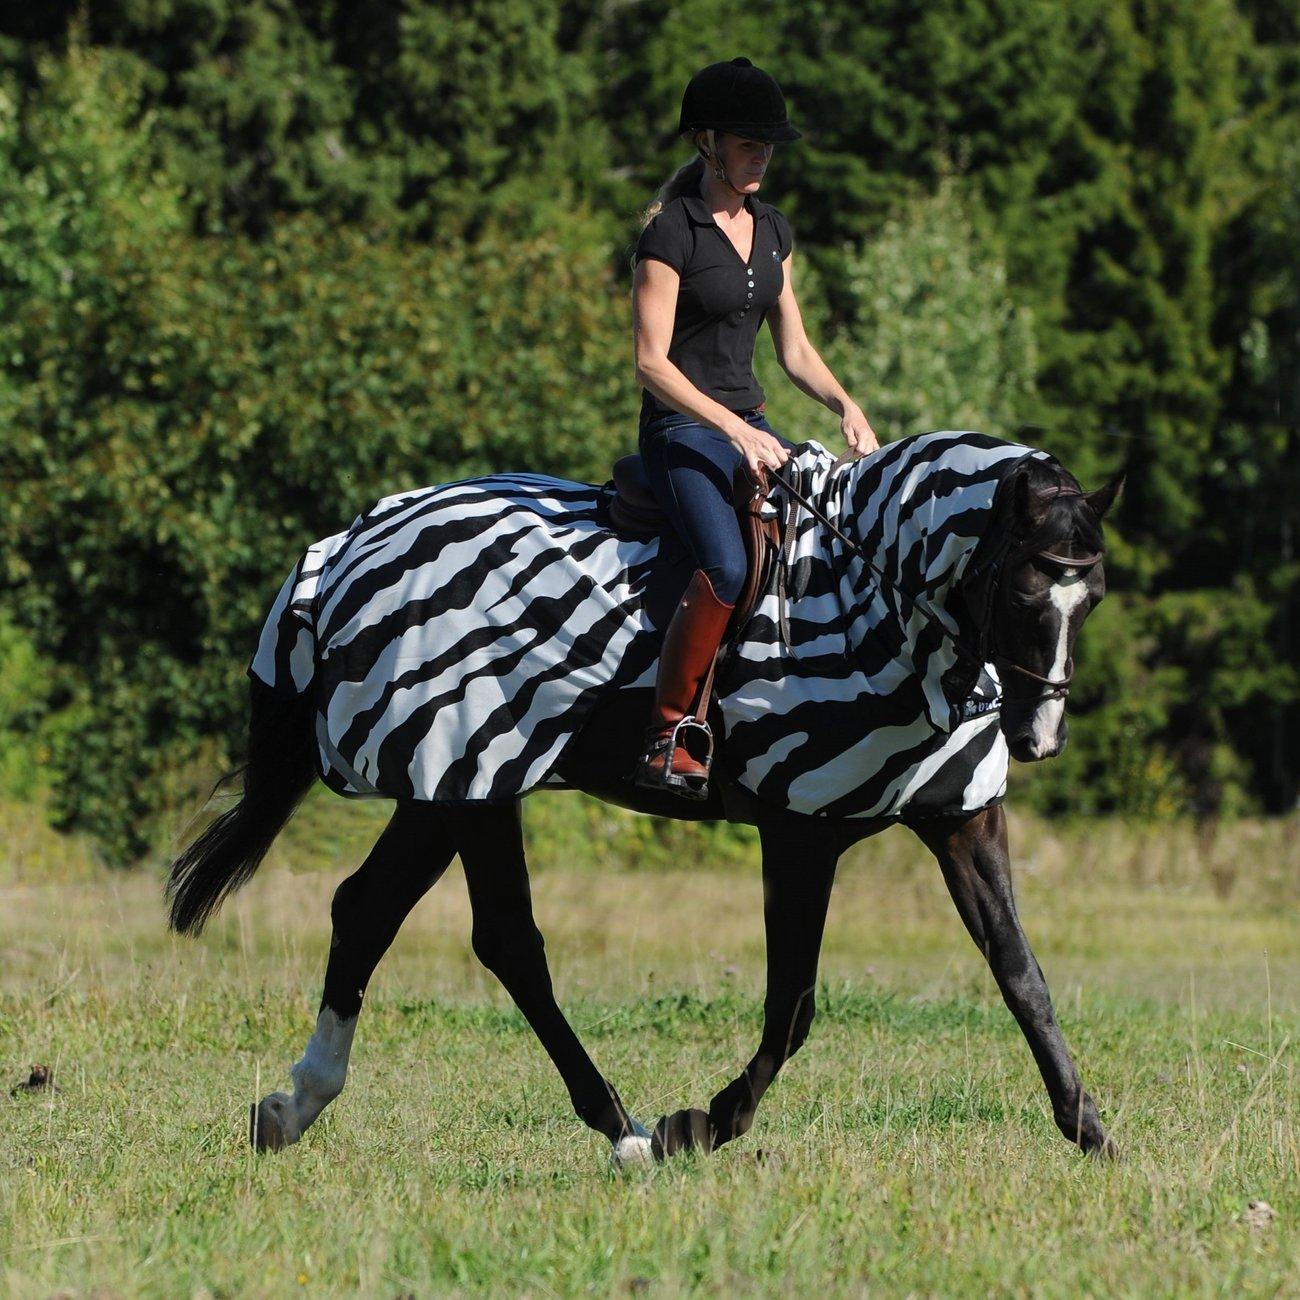 Buzz Off Riding Zebra Ausreitdecke Bild 7